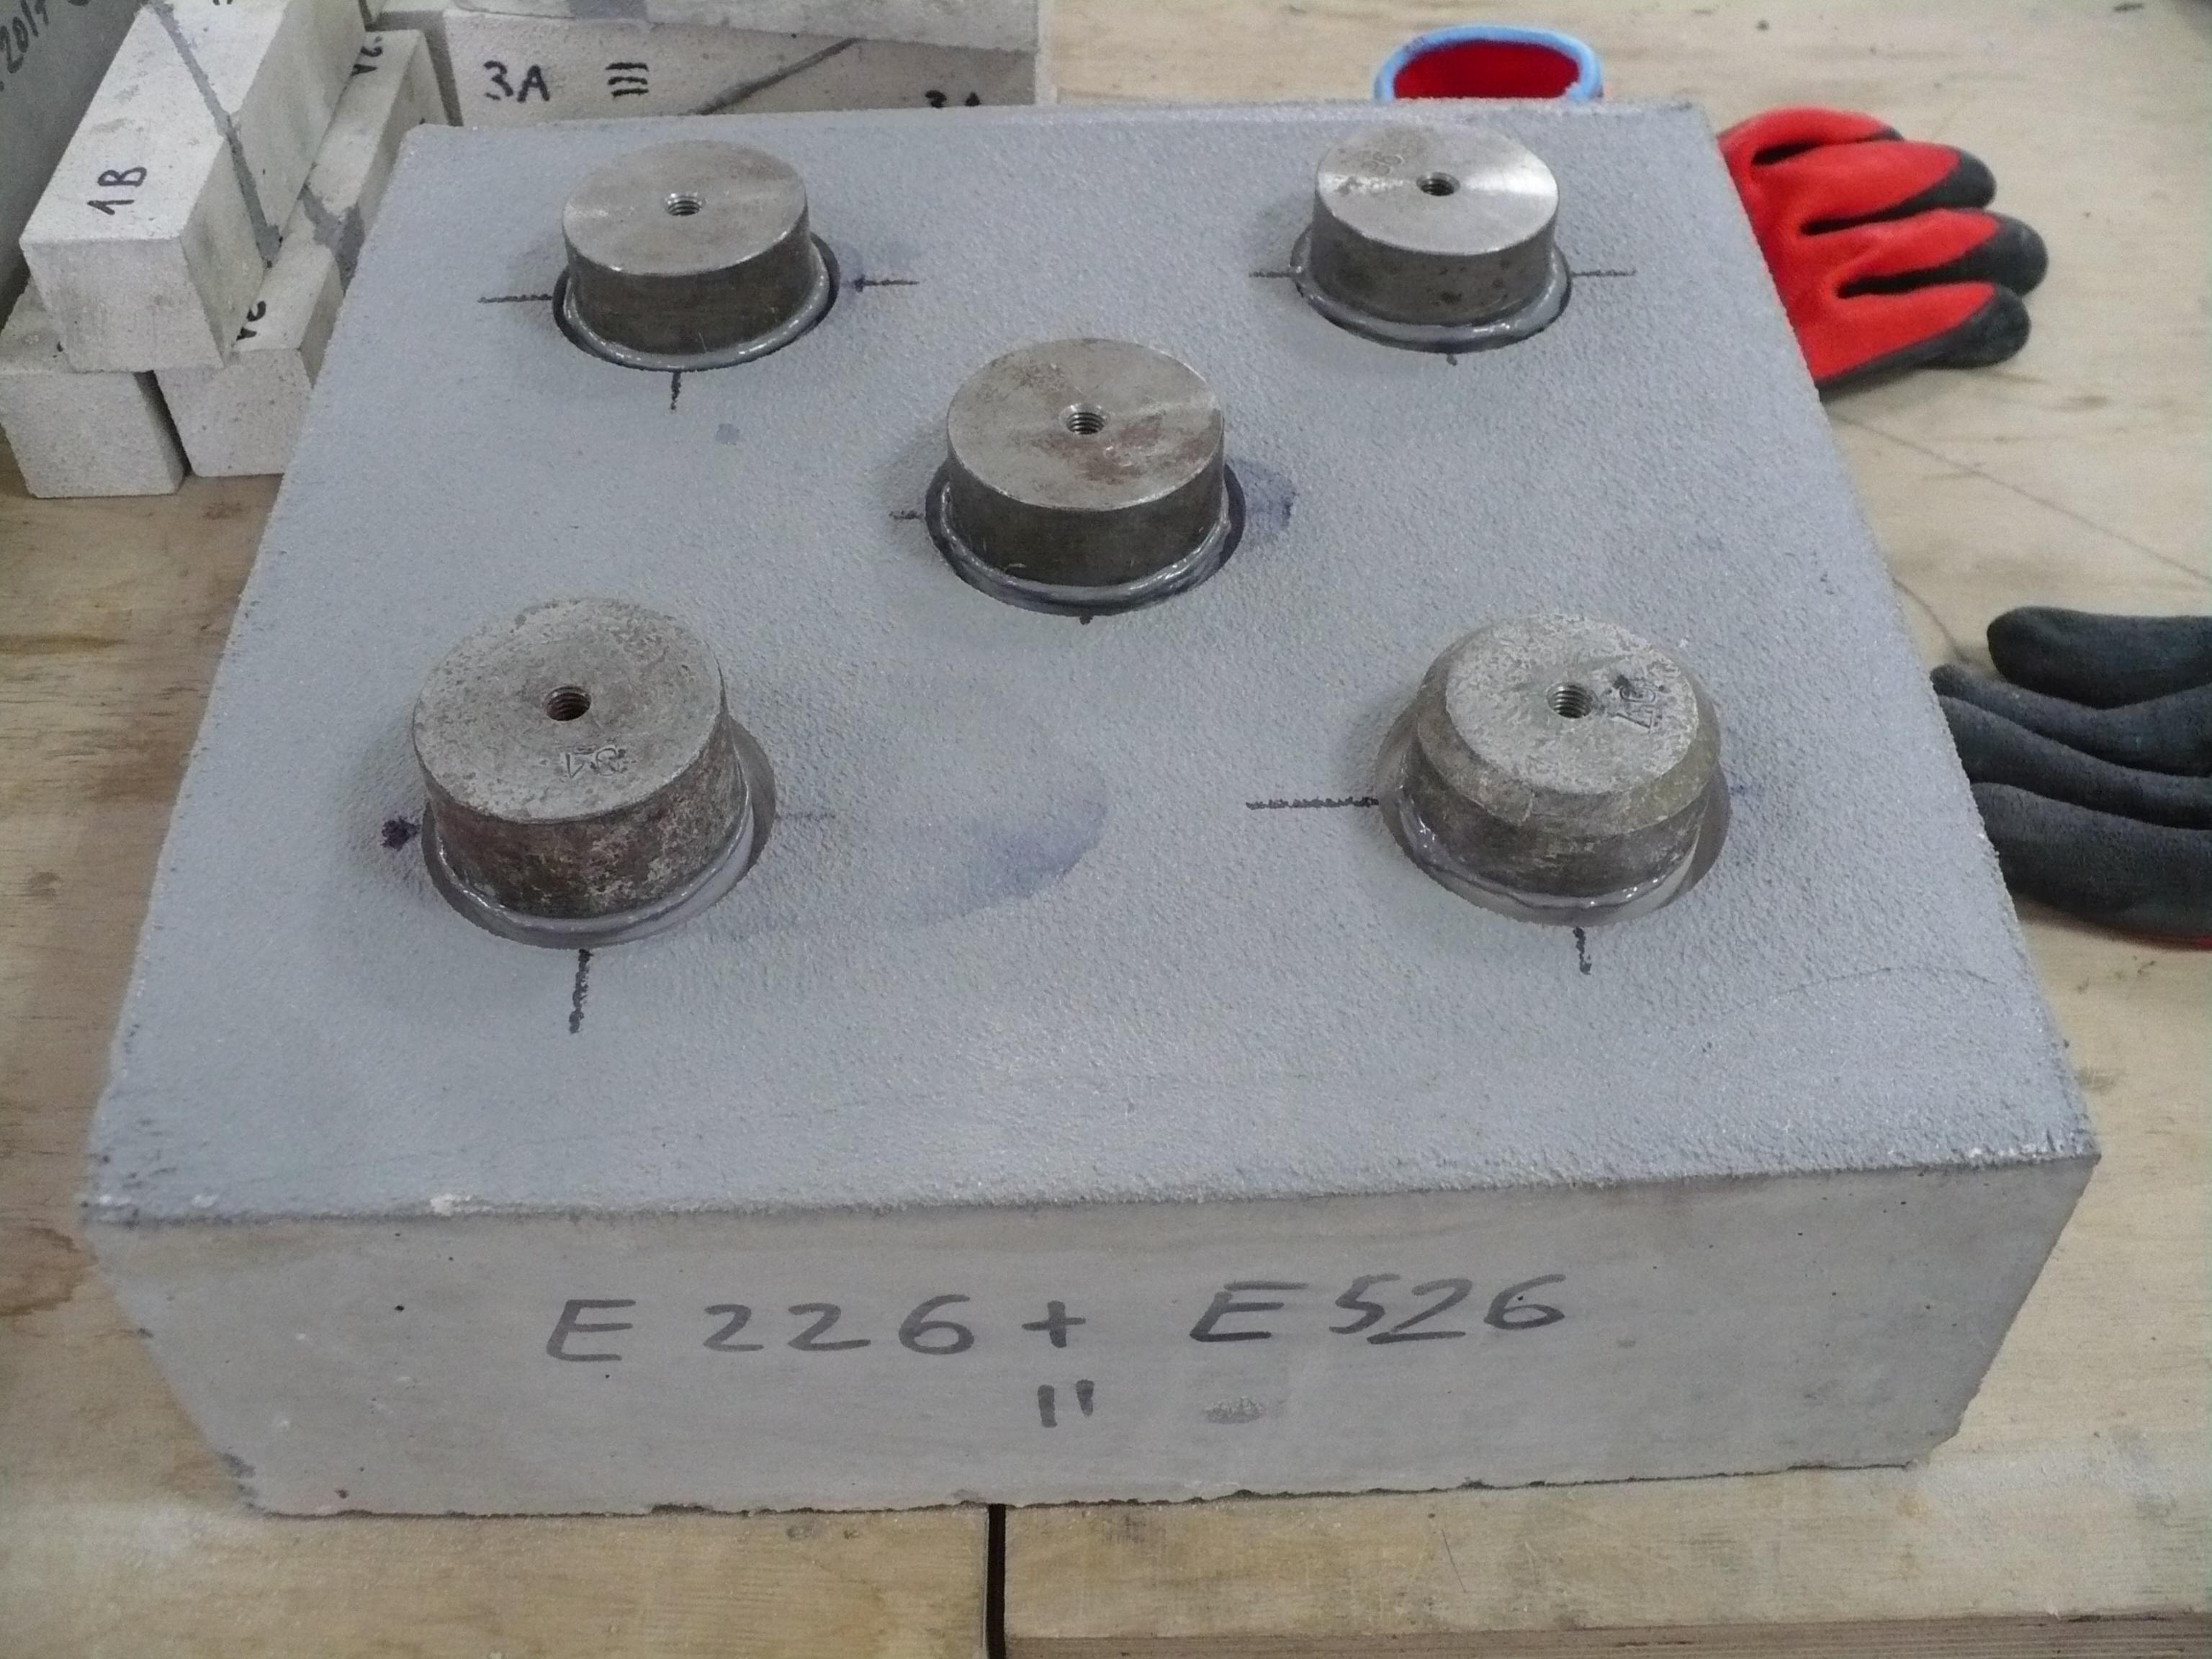 Badanie przyczepności E226+E526 nr1